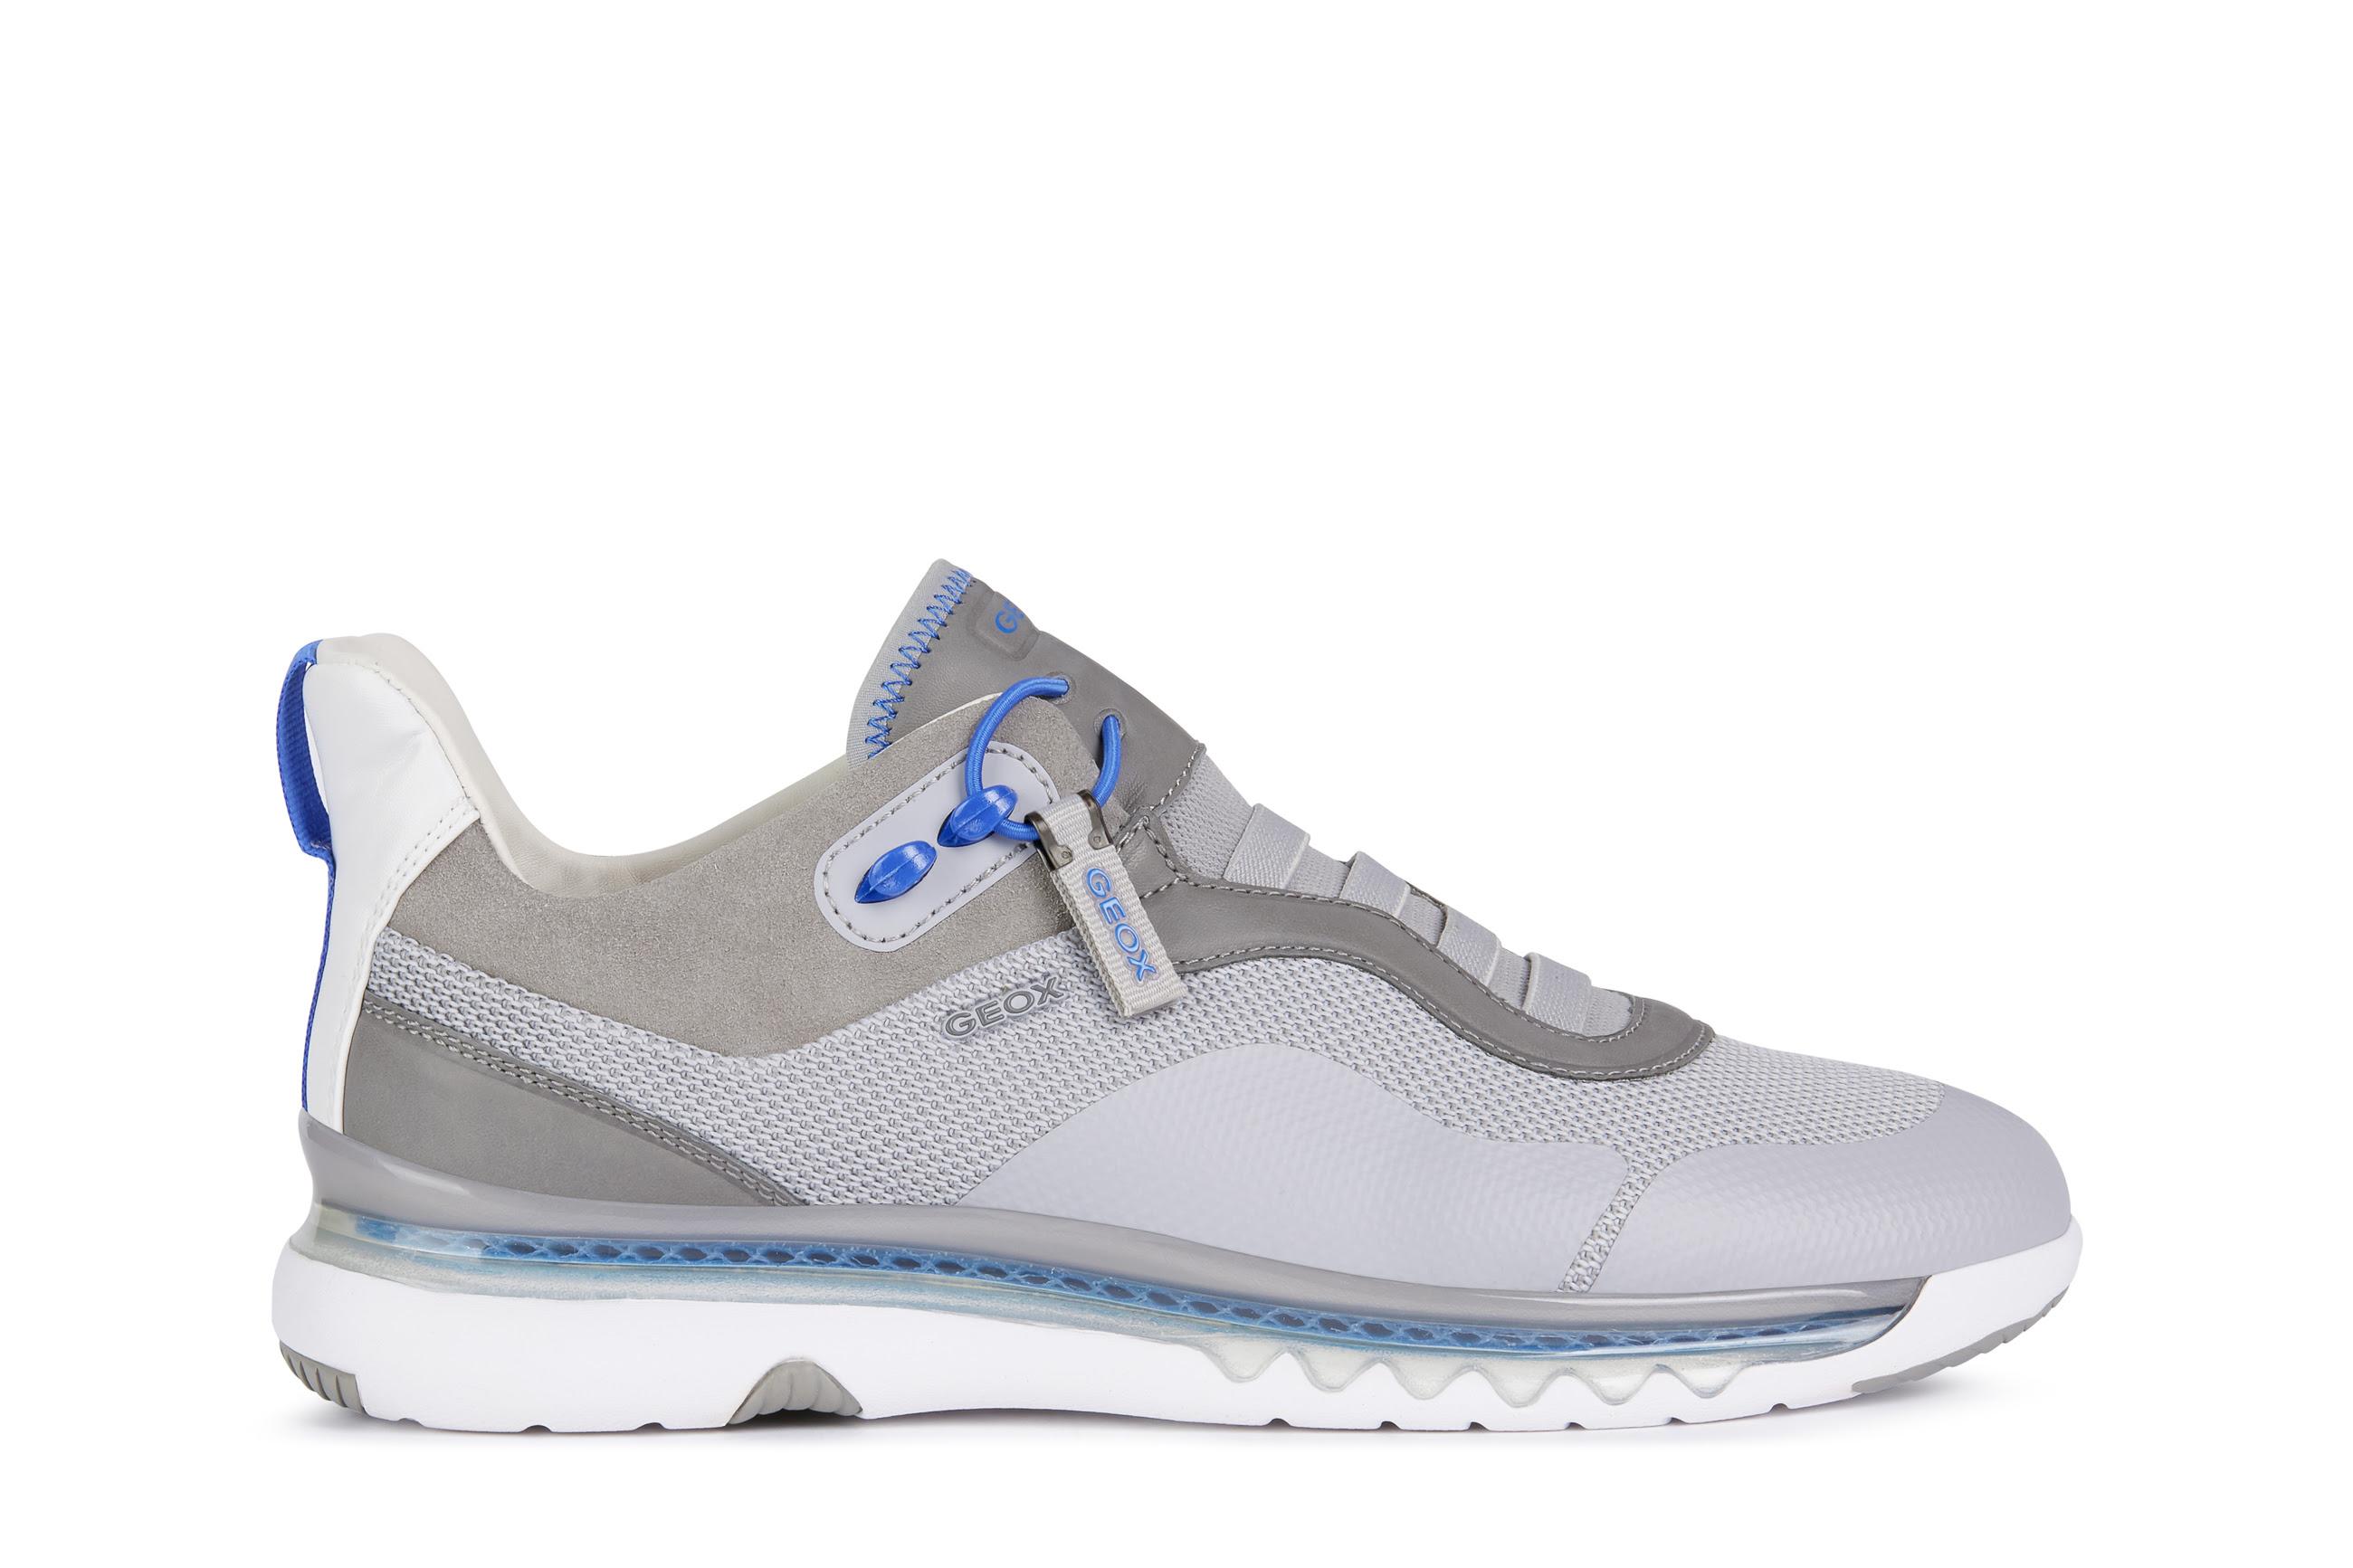 4b0cc792 6700 4a4d af07 253d4fc06fb3 - Kaia Gerber tiene la selección de prendas y calzado perfectos para hacer deporte en casa